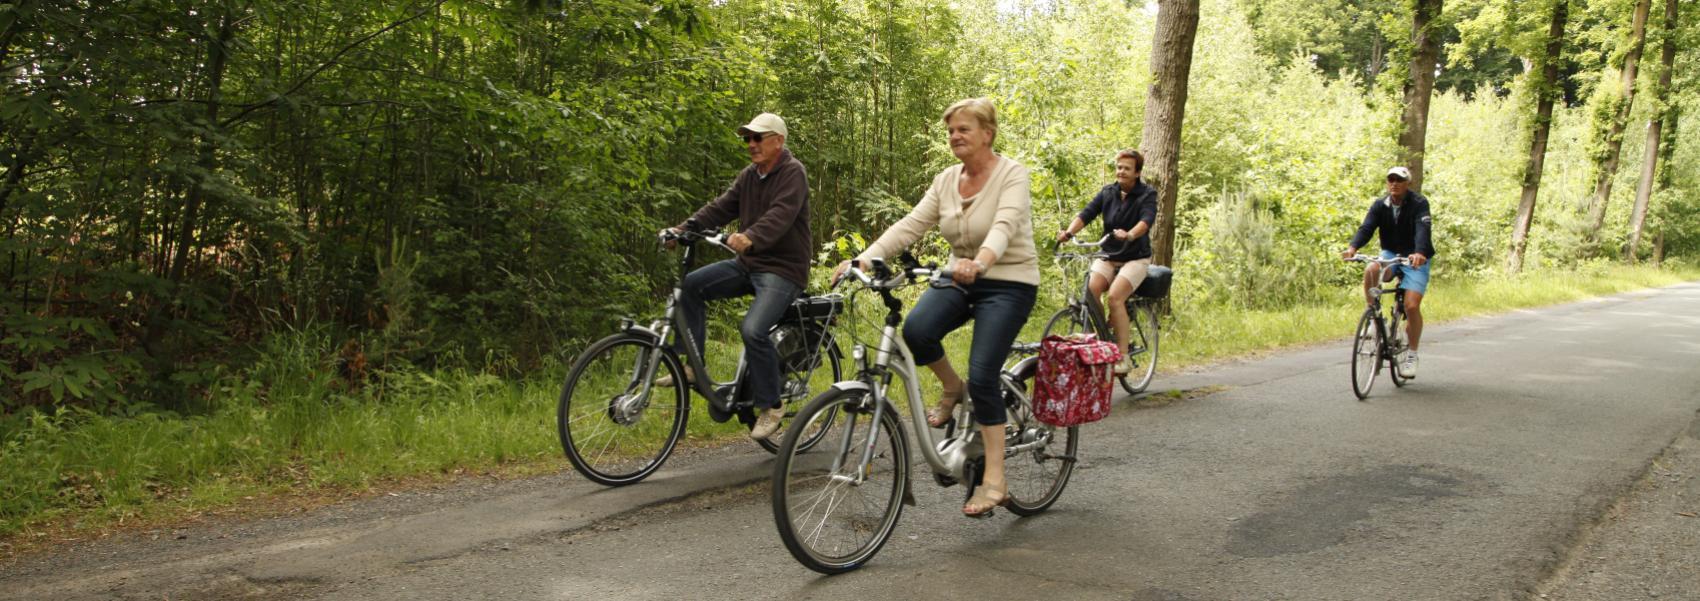 een klein groepje fietsers